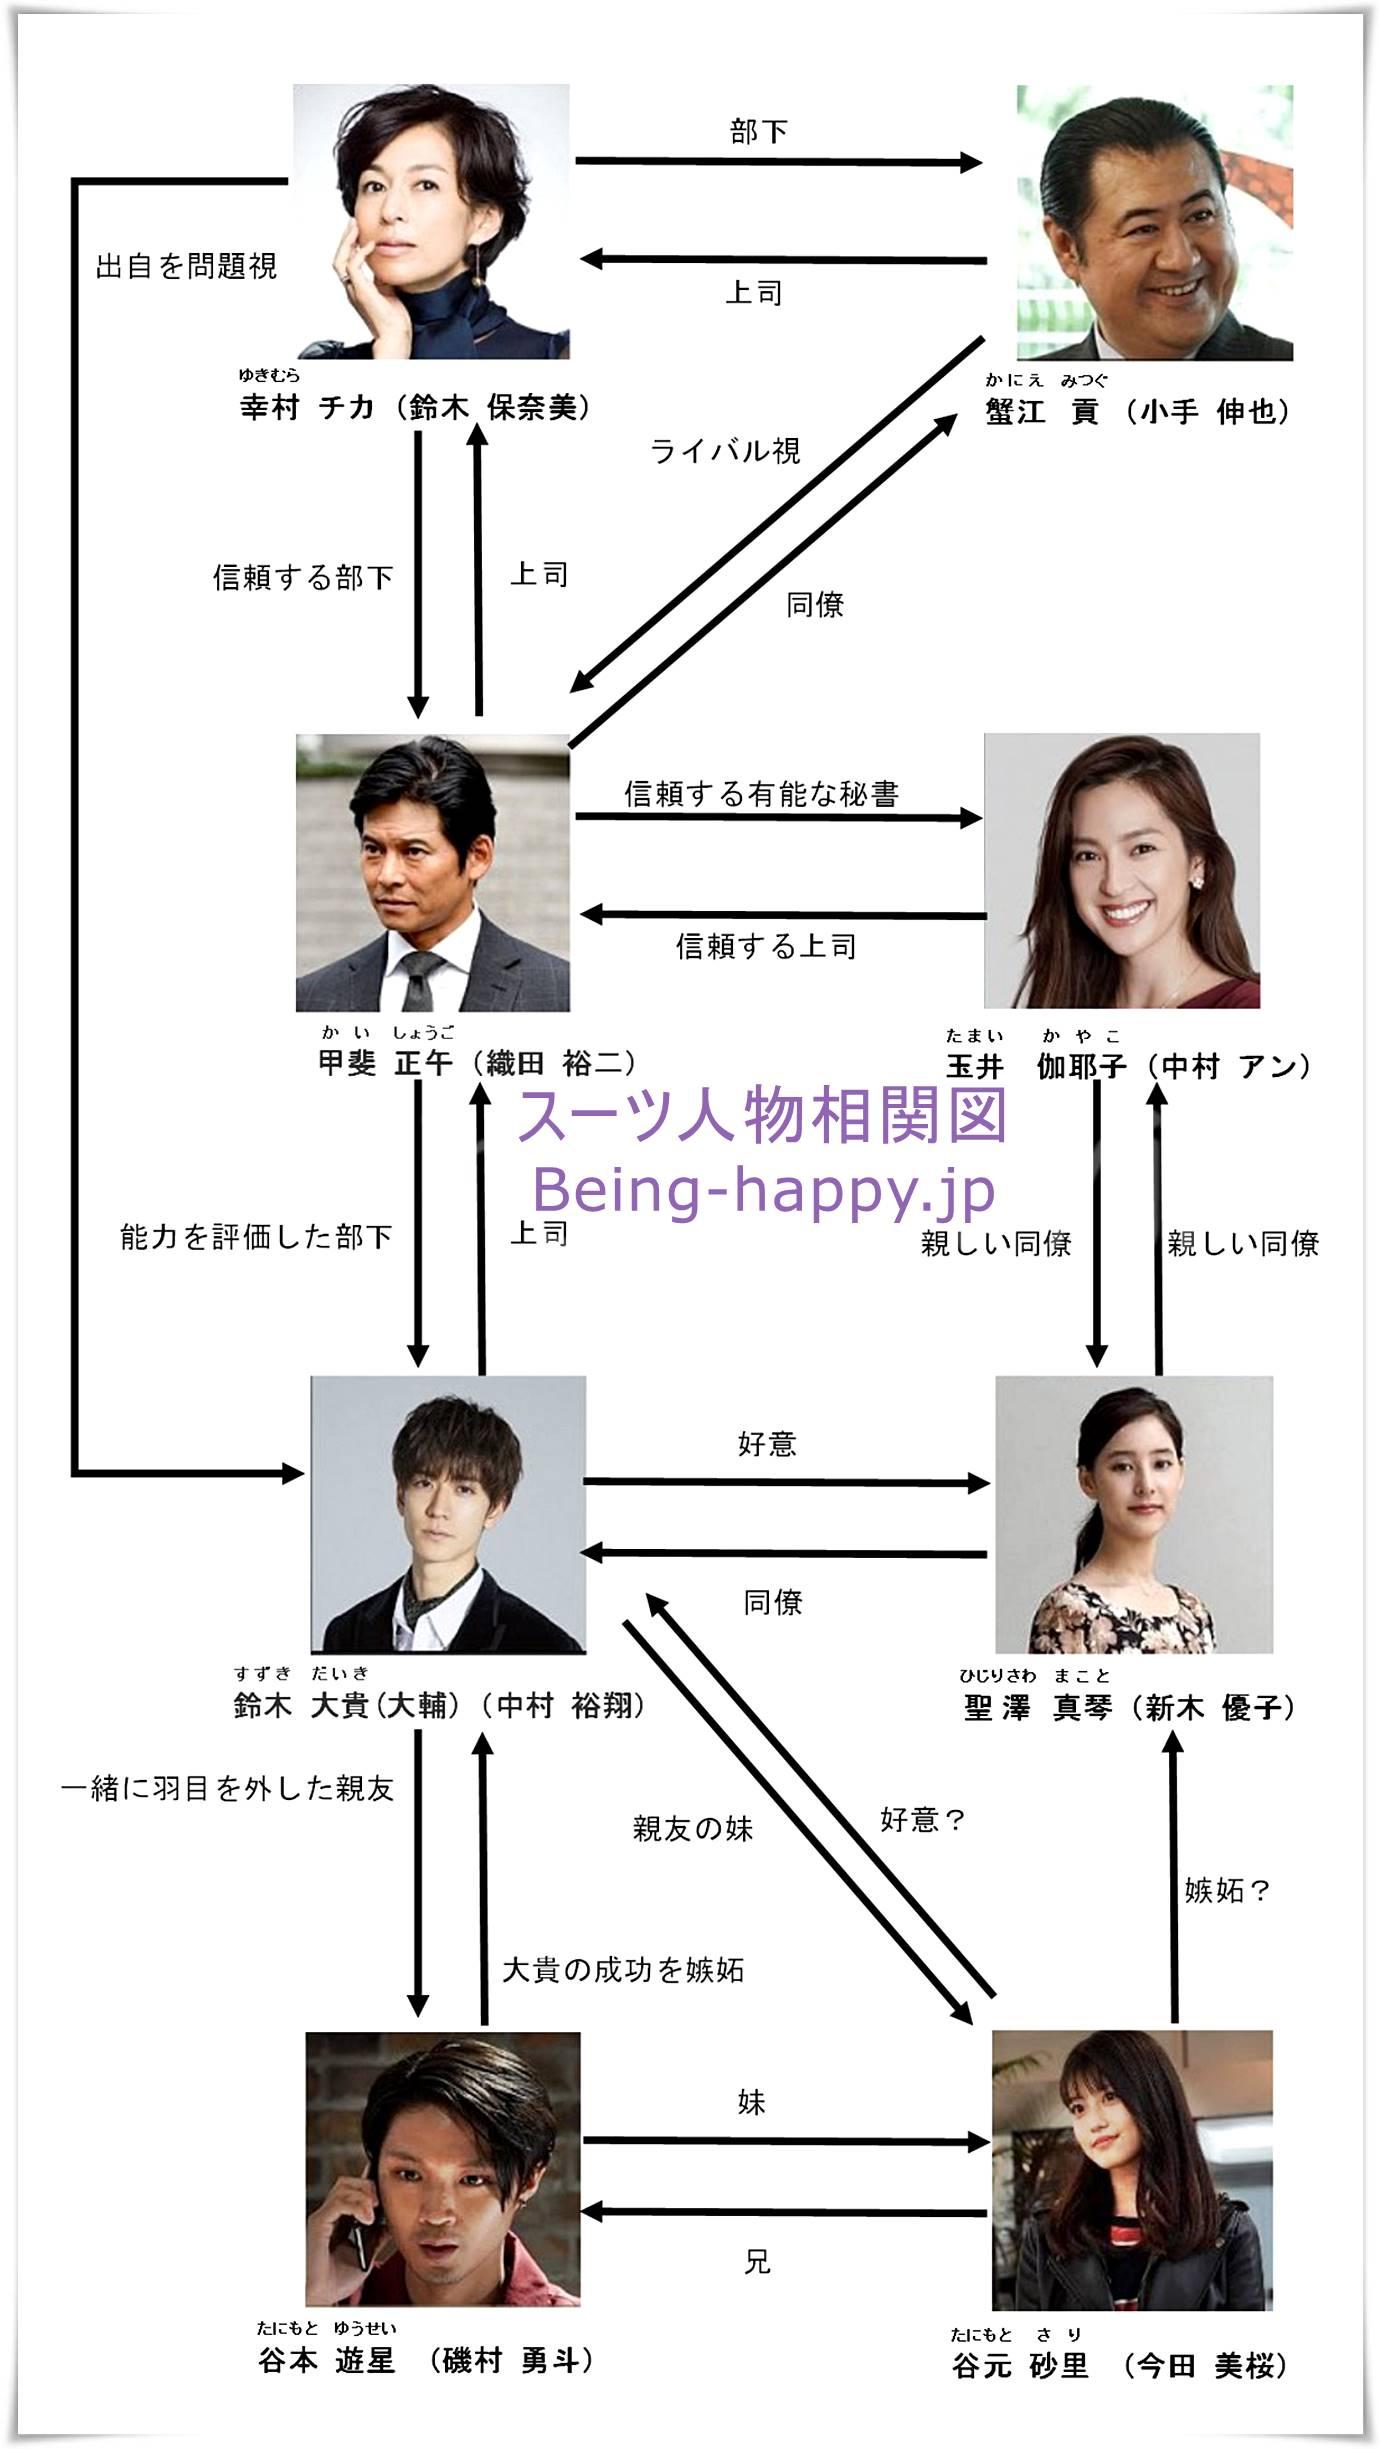 日本版「スーツ/SUITS」人物相関図